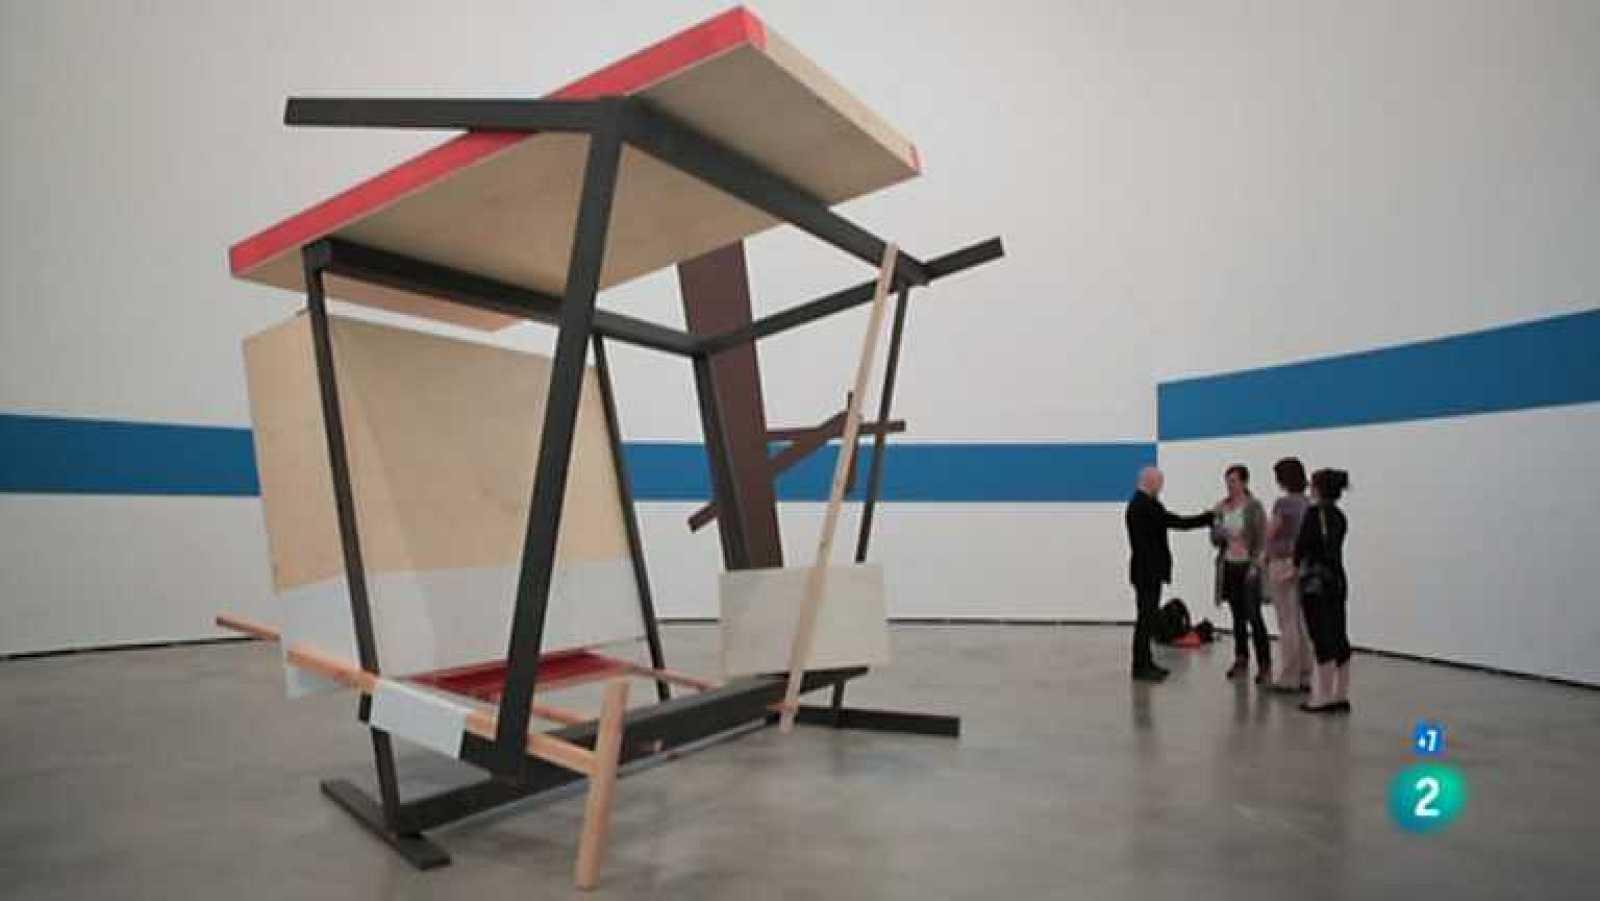 Guggenheim - Arquitectura habitada - Ver ahora